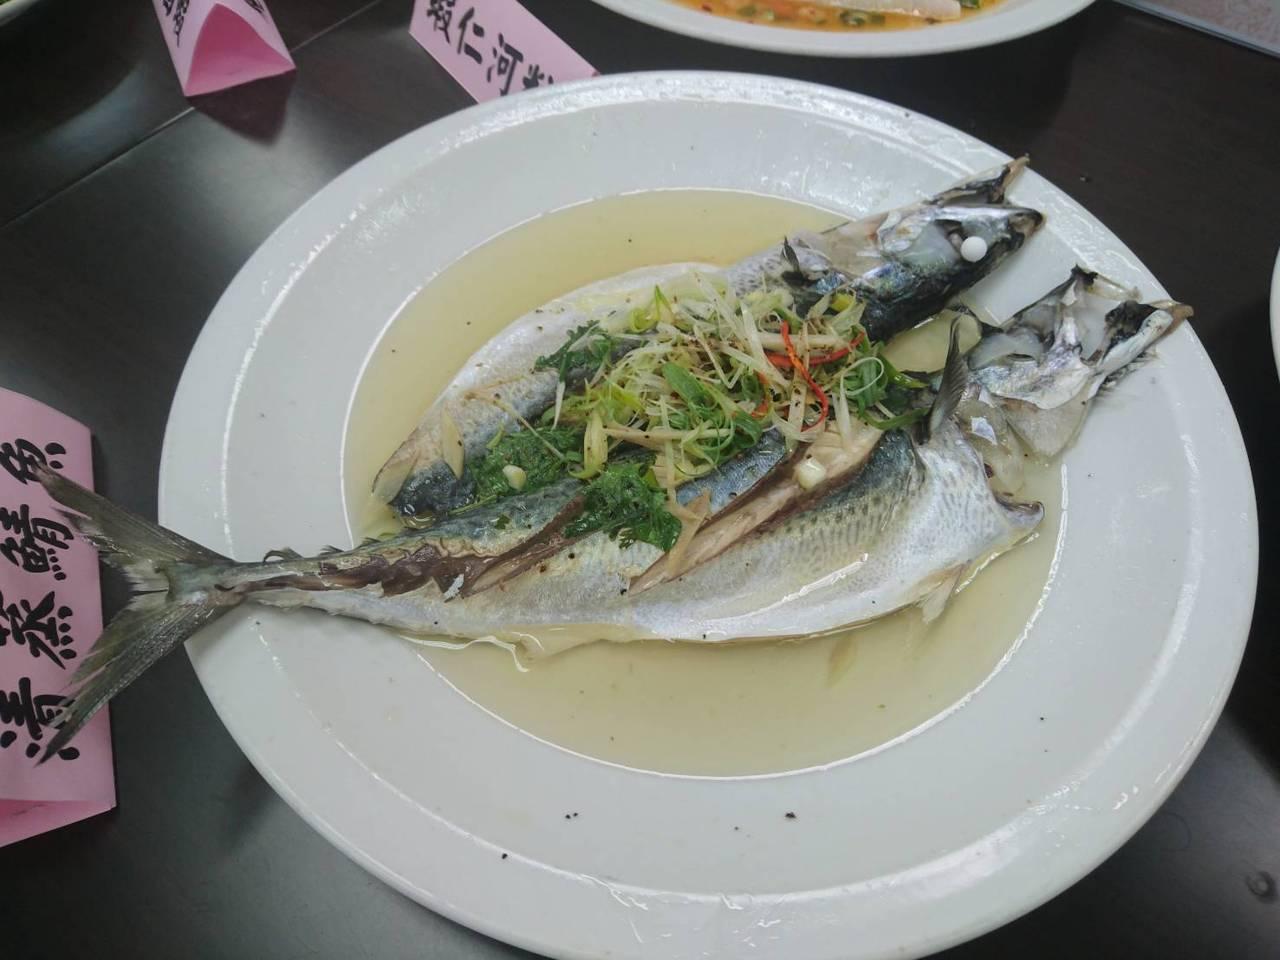 秋刀魚、鯖魚等,增加五色蔬果的攝取,都可以幫助增加腦中血清素的含量 圖/羅建旺 ...